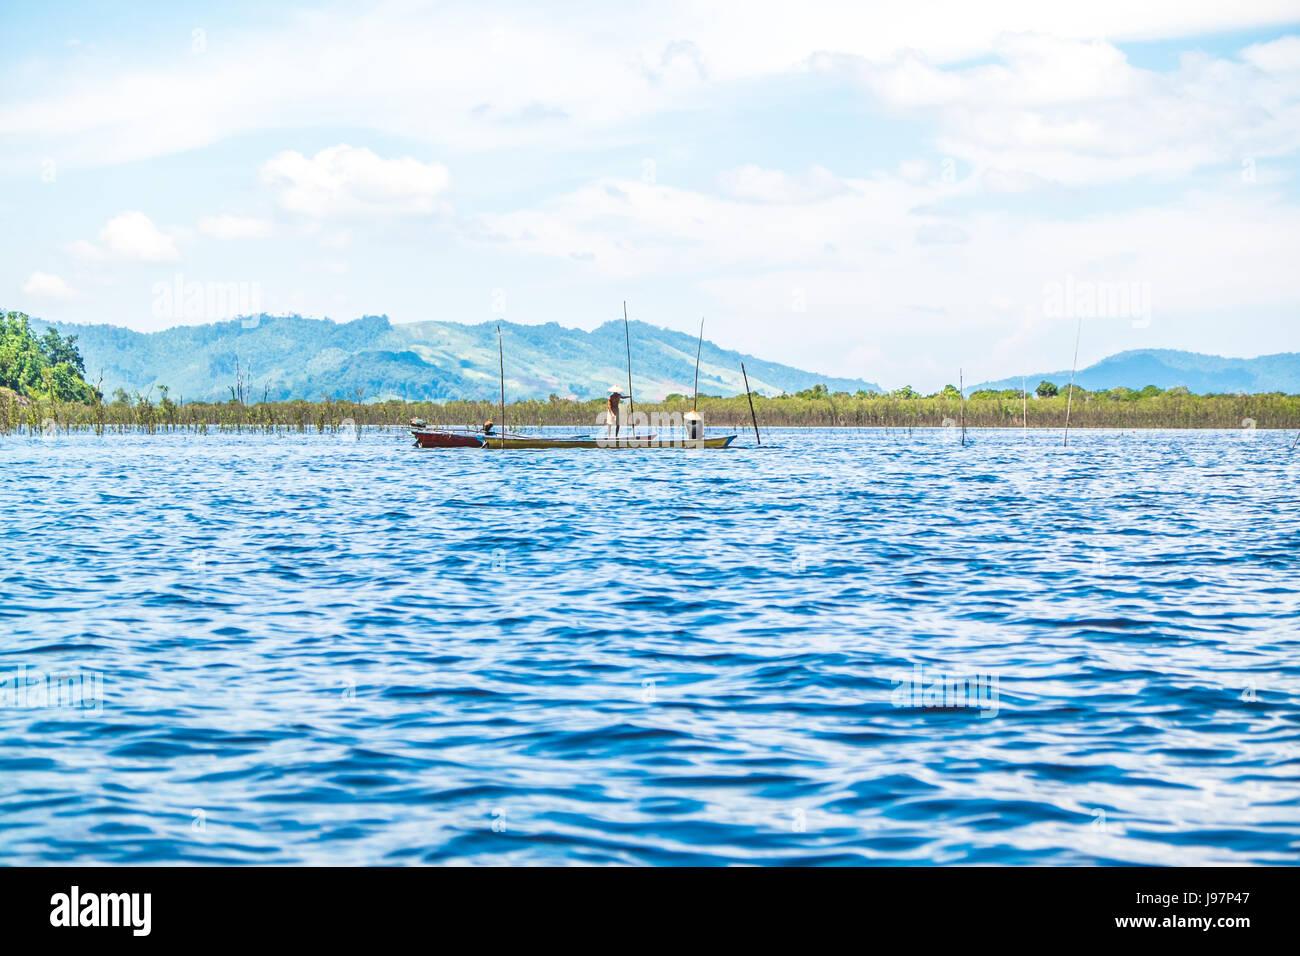 La pesca ai pescatori per la gestione del loro trappole di pesce nel mezzo del lago Sentarum nel Kalimantan ovest Immagini Stock